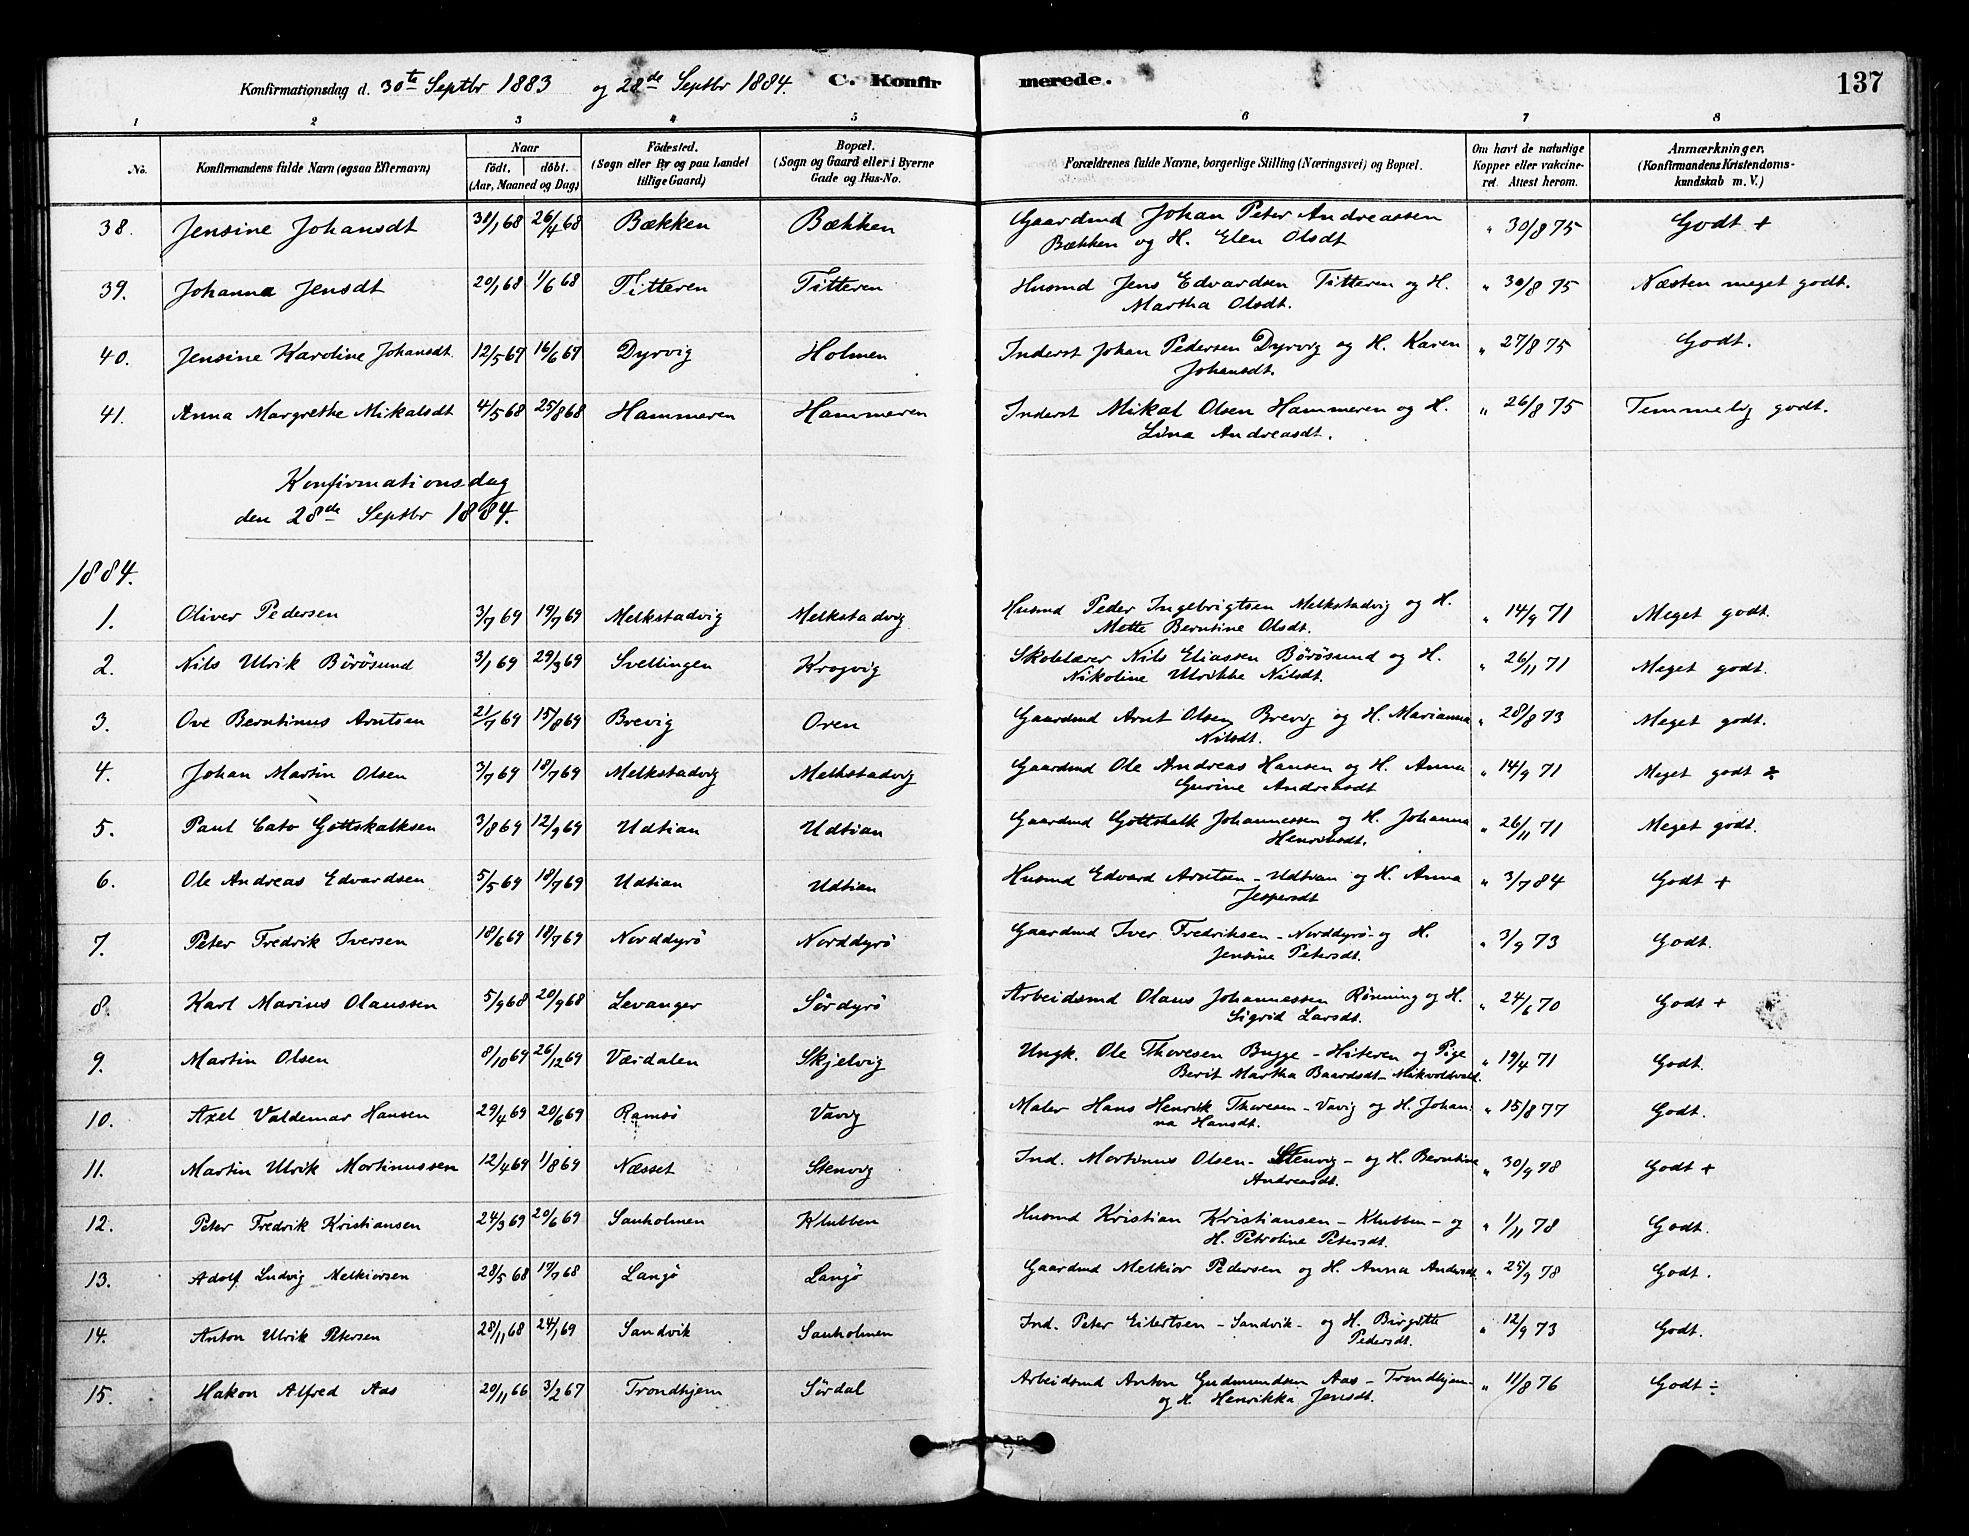 SAT, Ministerialprotokoller, klokkerbøker og fødselsregistre - Sør-Trøndelag, 640/L0578: Ministerialbok nr. 640A03, 1879-1889, s. 137